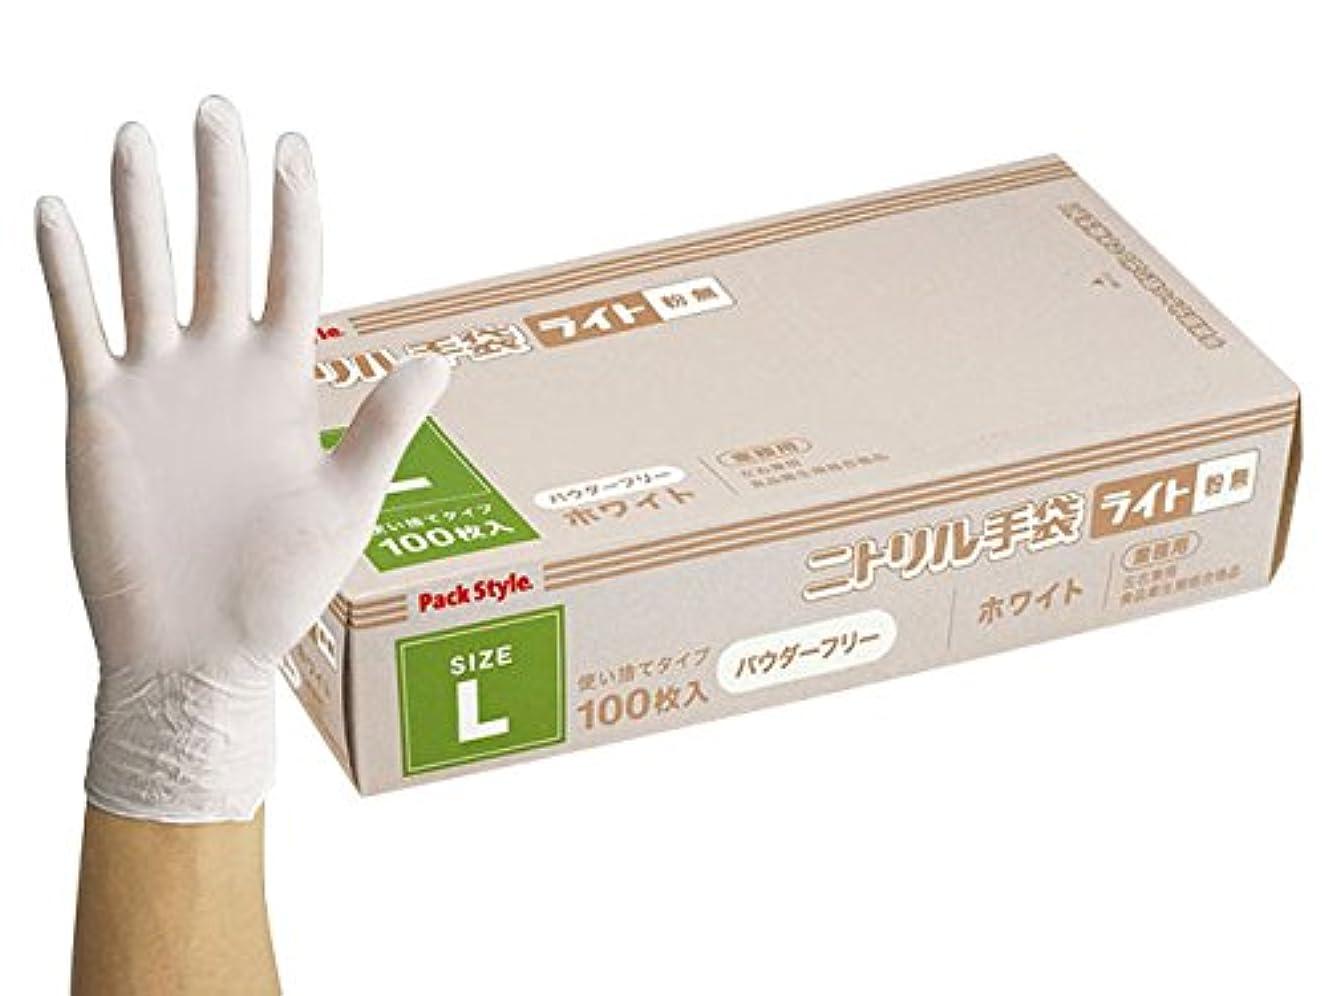 提供納屋虚弱パックスタイル 業務用 使い捨て ニトリル手袋 ライトT 白?粉無 L 3000枚 00540456